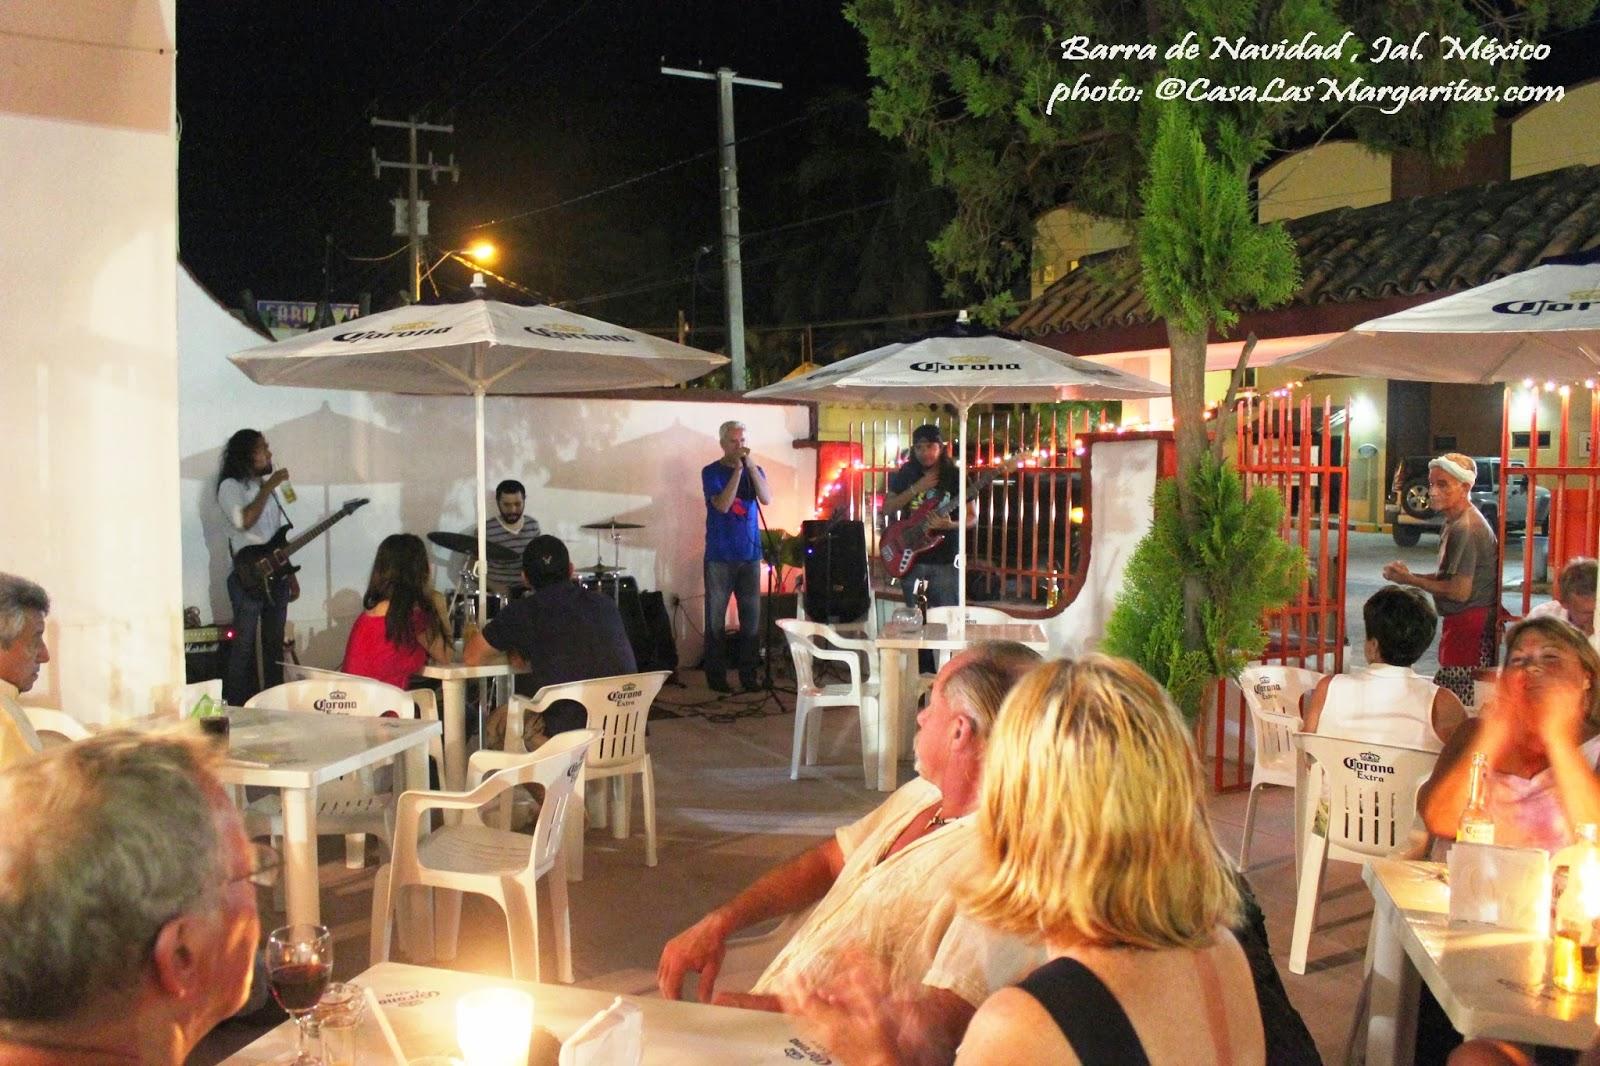 Living barra de navidad nightlife and entertainment in - Barras de bar ...